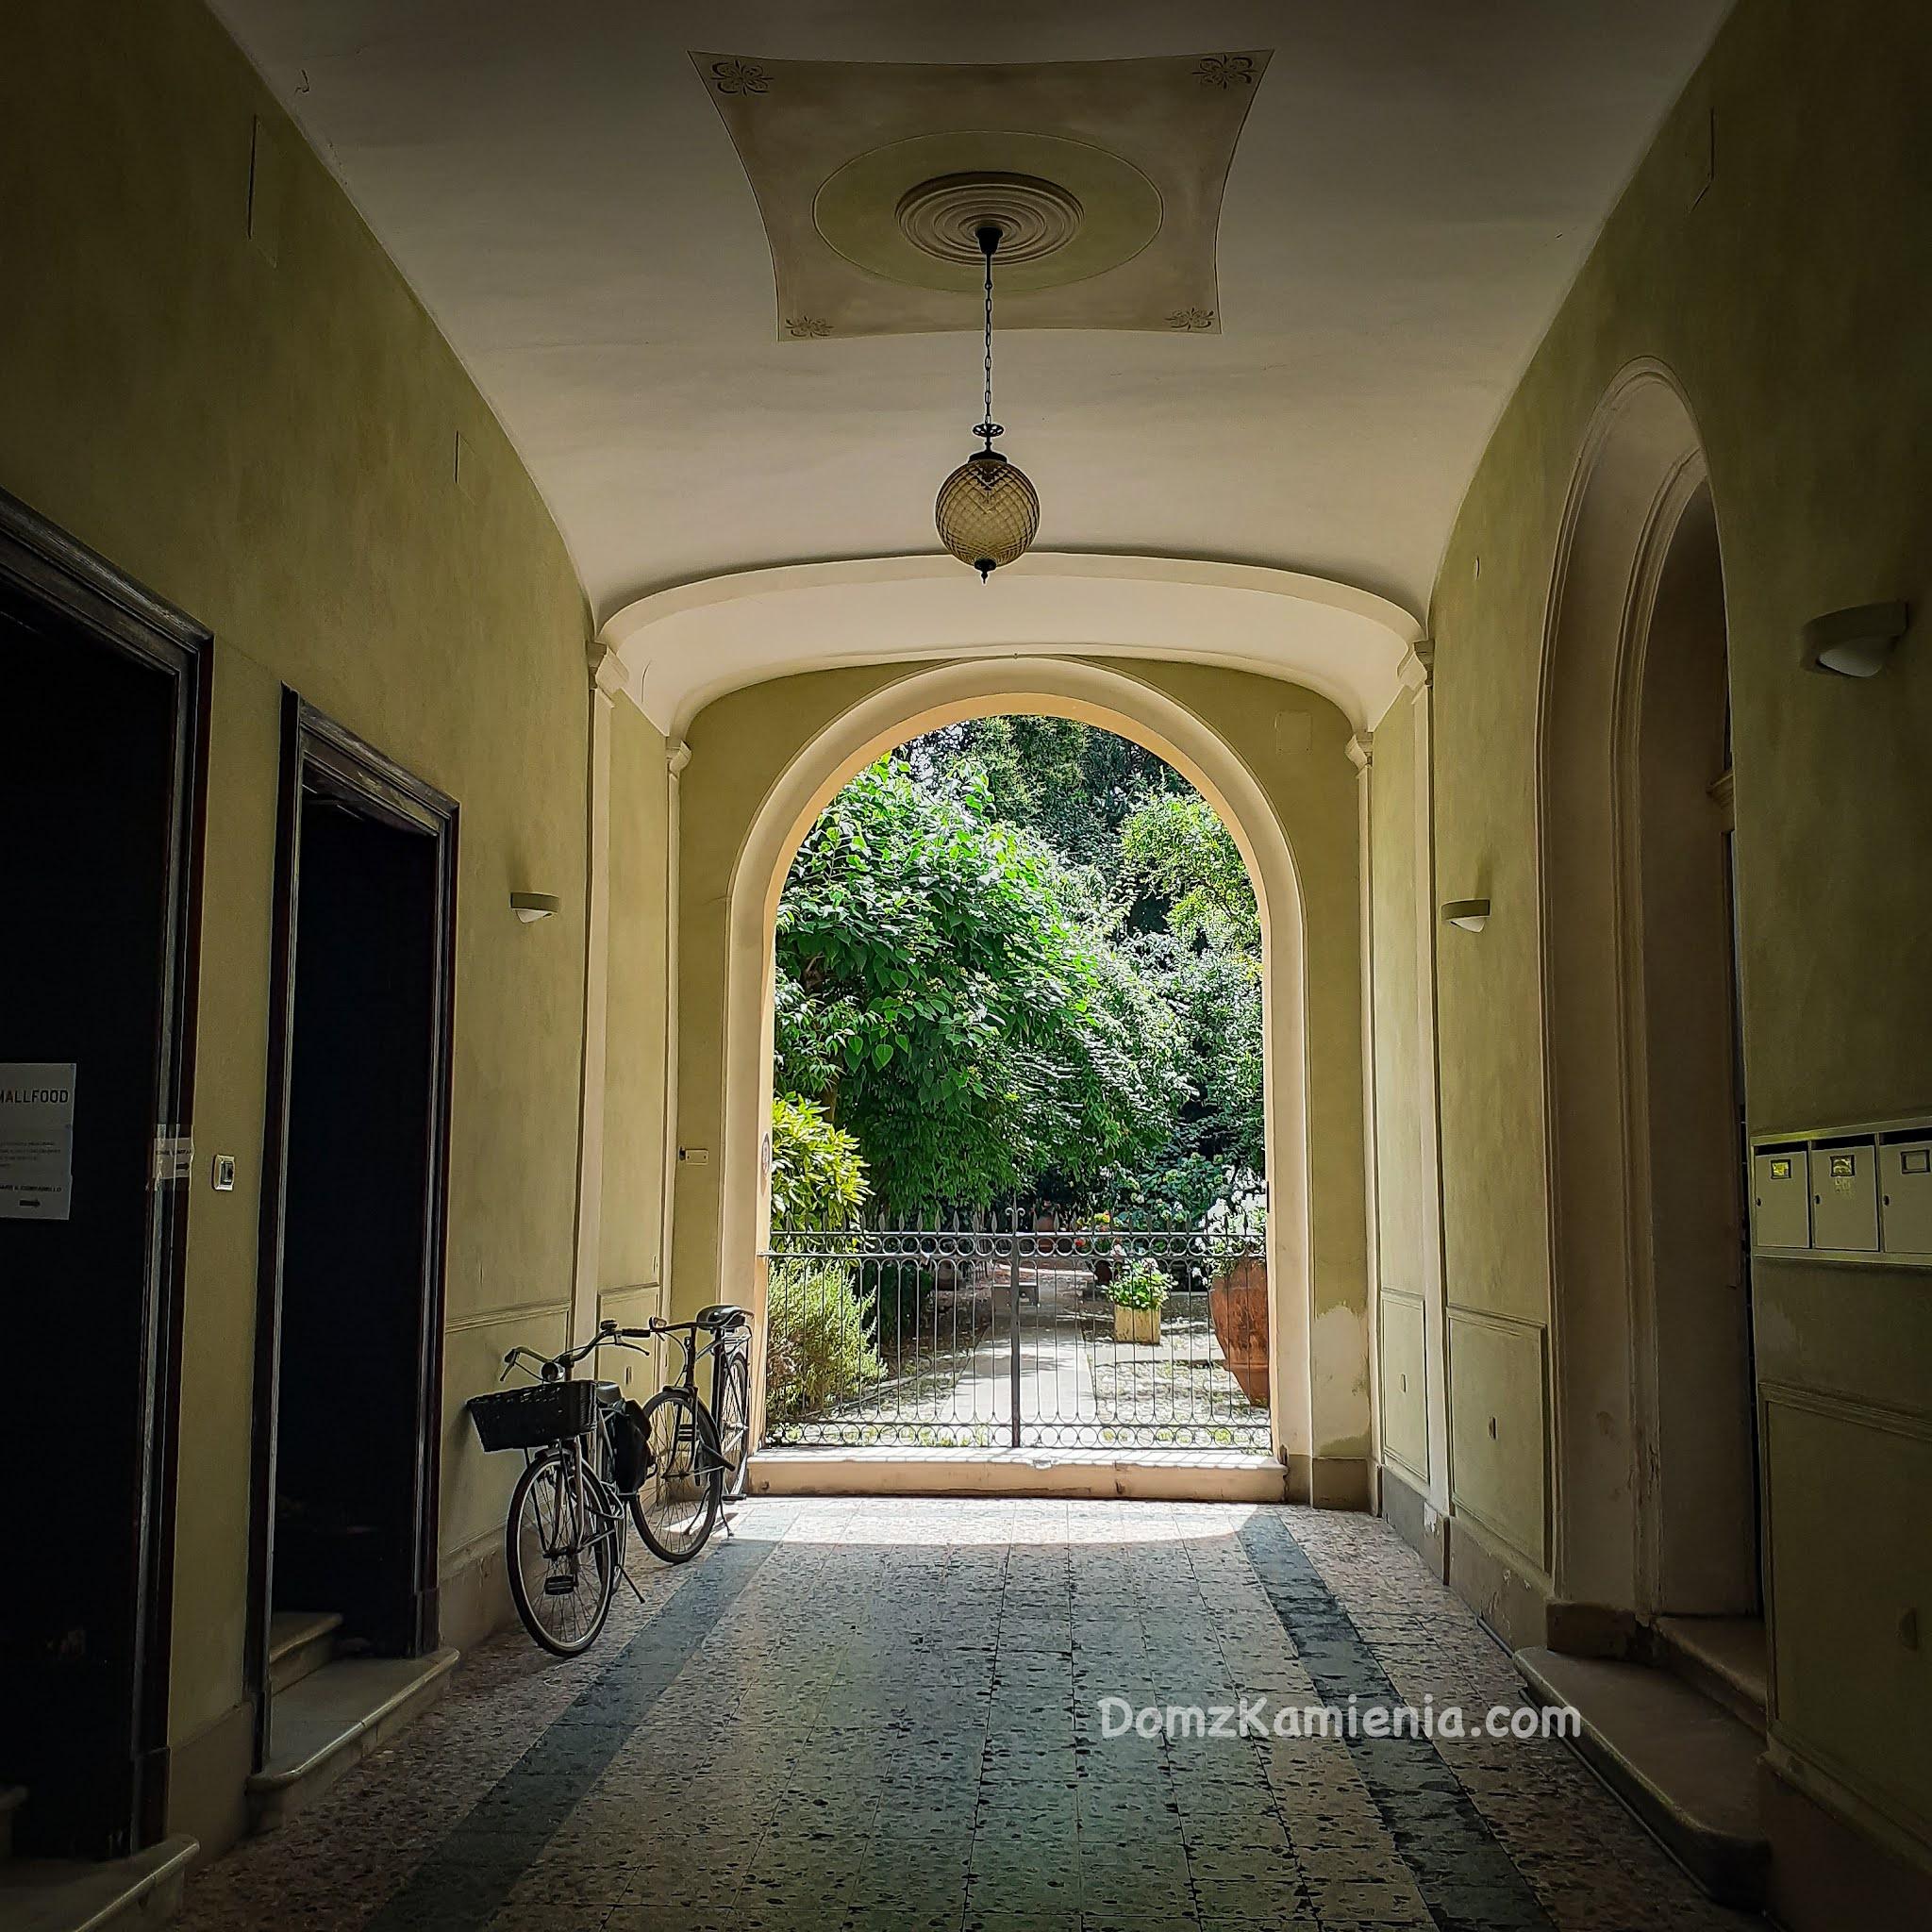 Ravenna, Dom z Kamienia blog o życiu we Włoszech